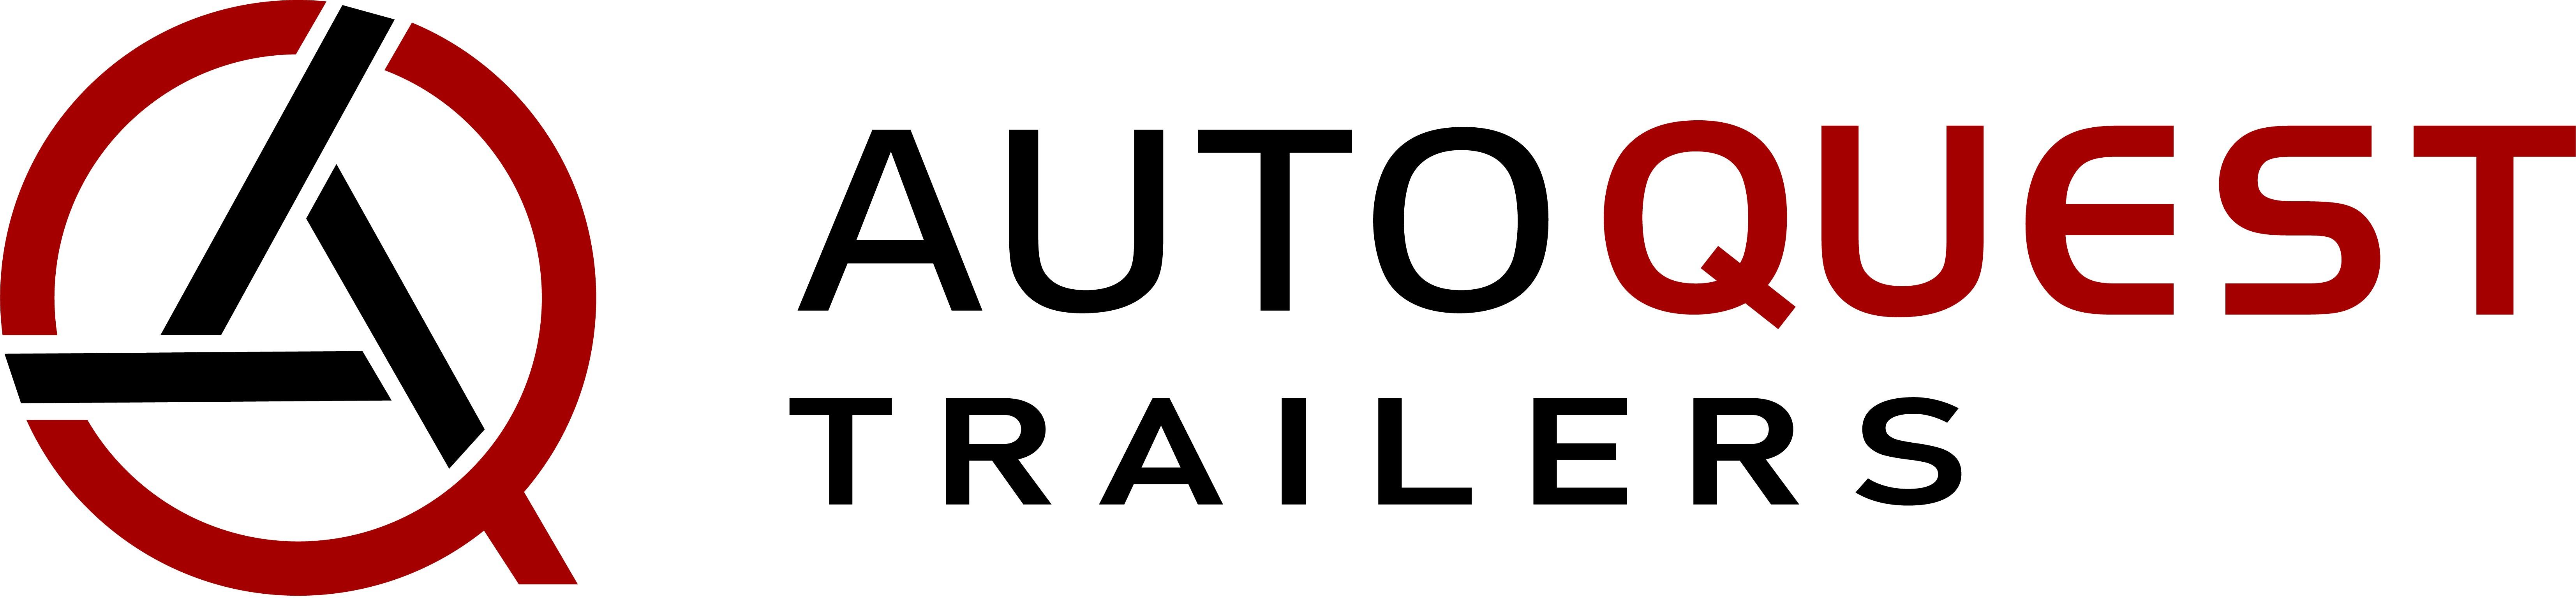 AutoQuest Trailer & Auto Sales Inc.